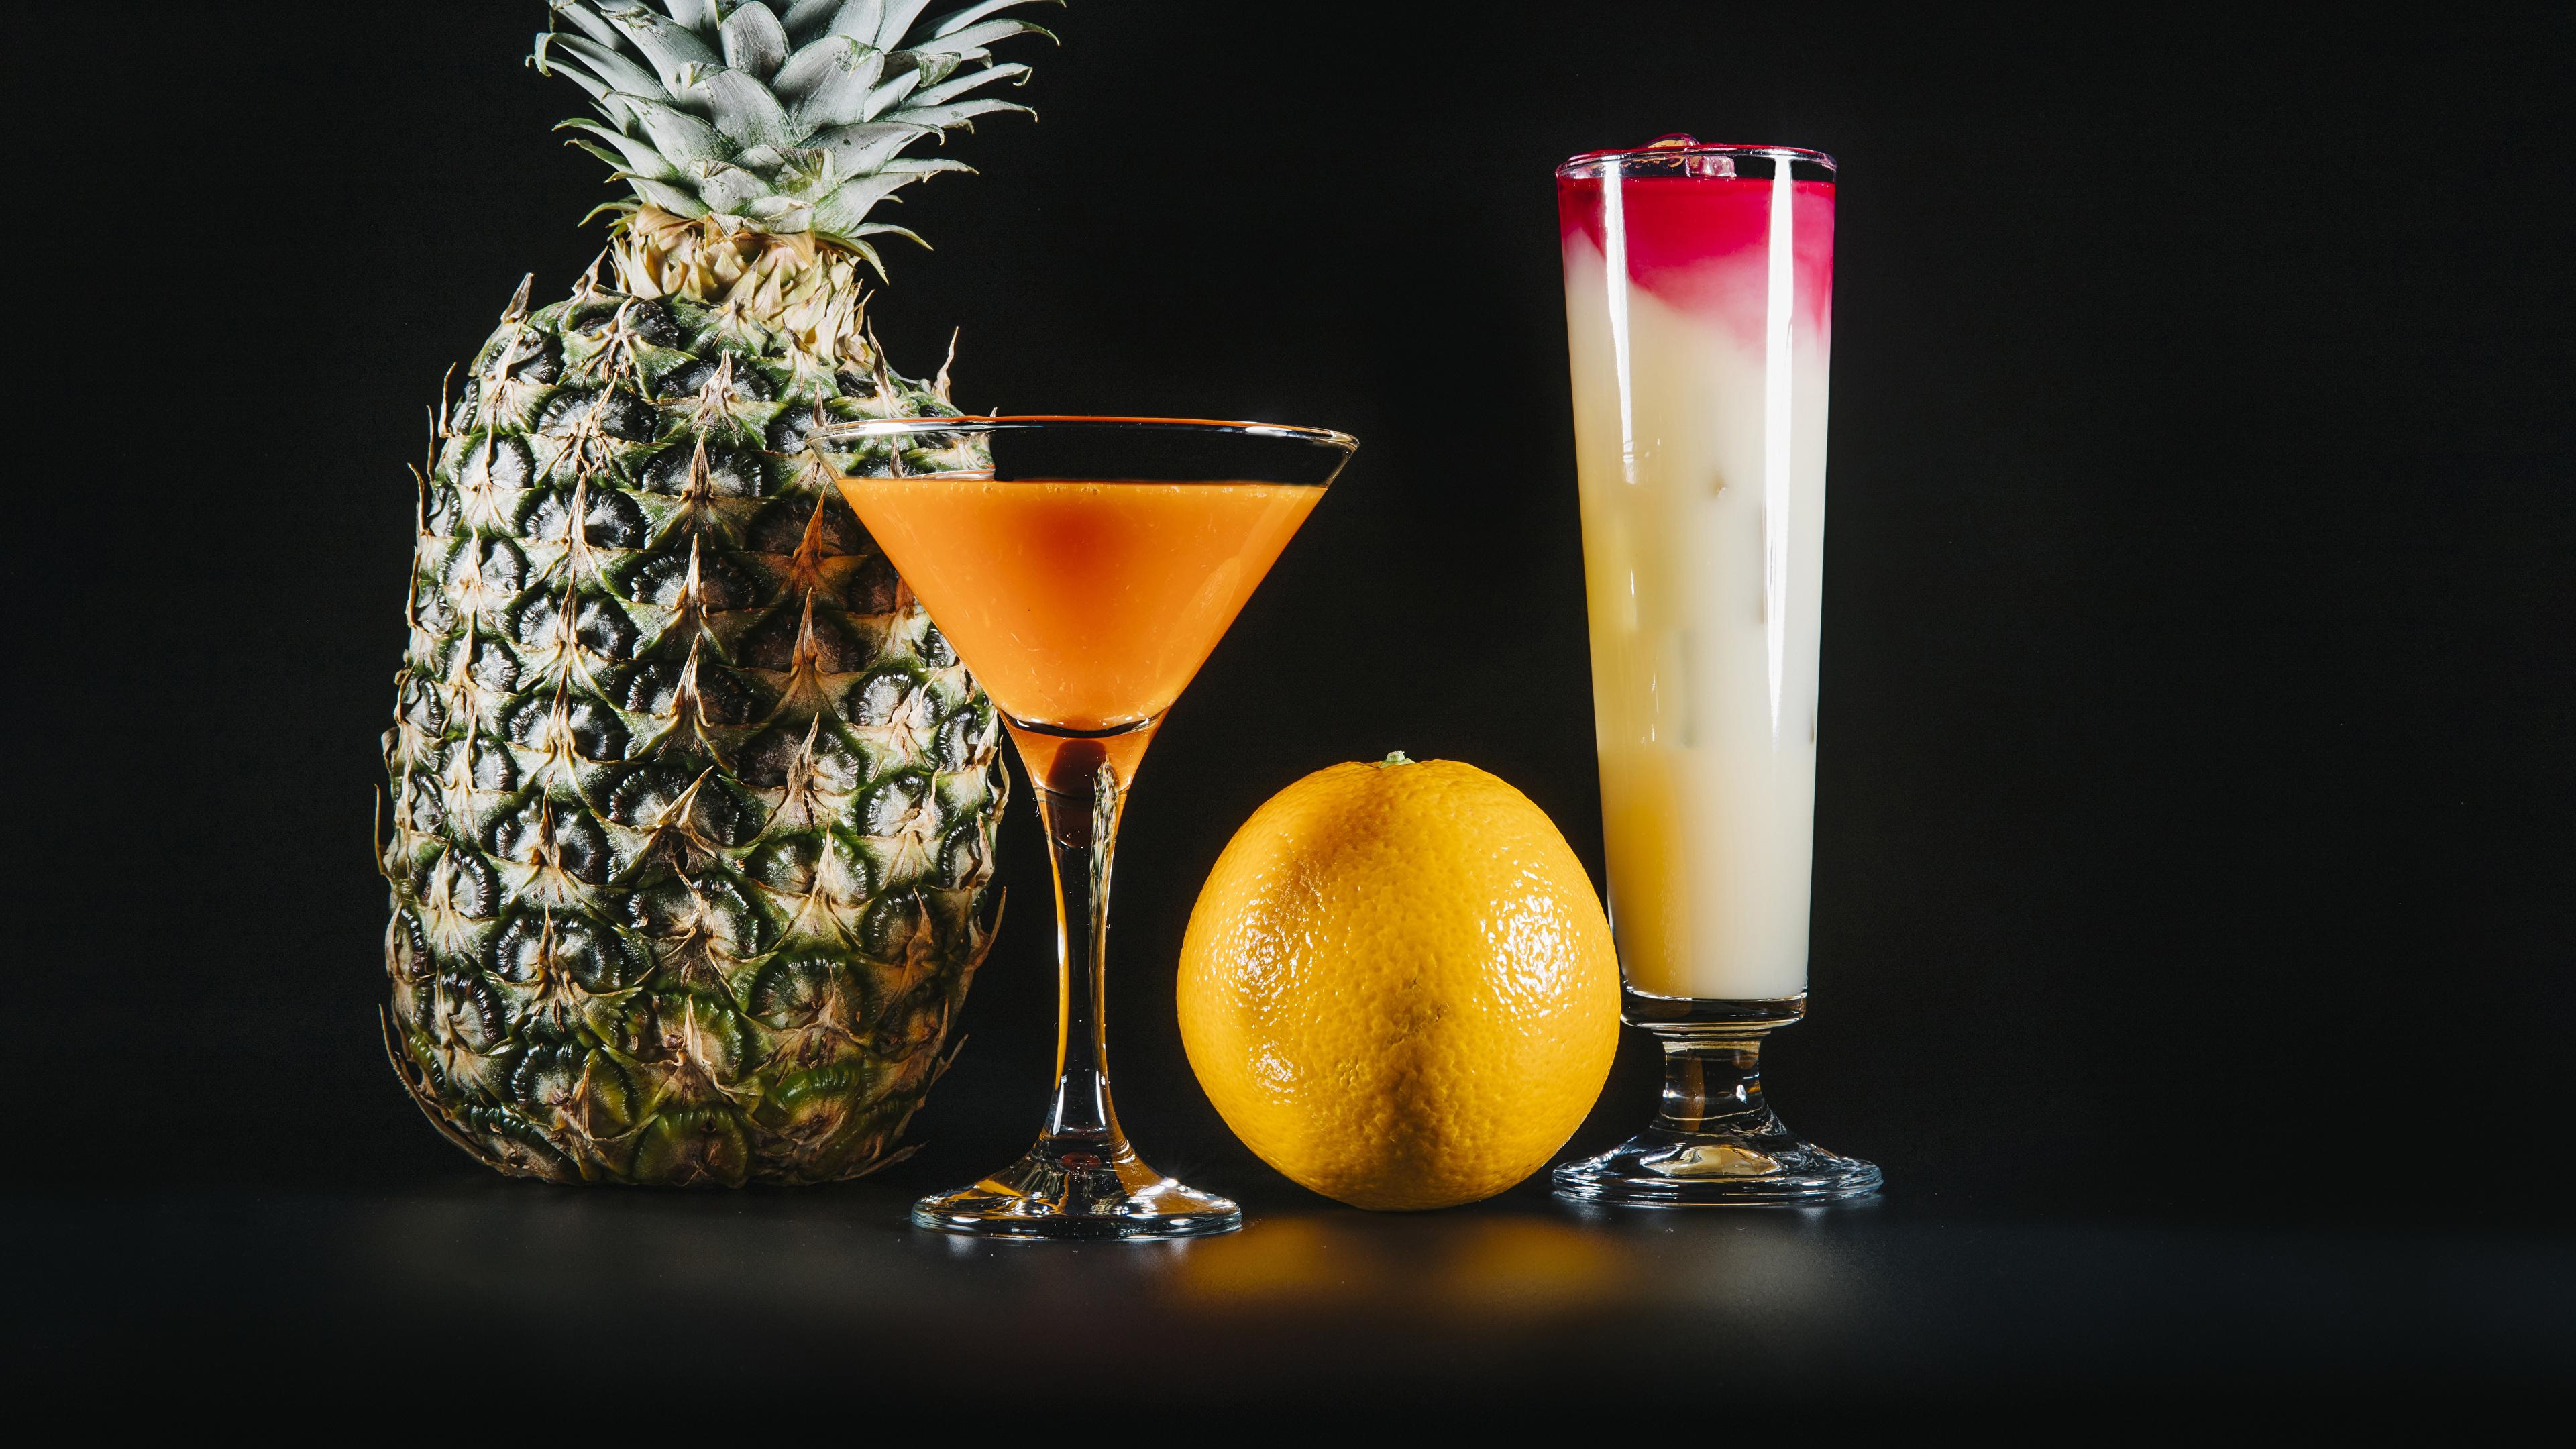 Фотография две Апельсин стакана Ананасы Еда бокал Коктейль на черном фоне 3840x2160 2 два Двое вдвоем Стакан стакане Пища Бокалы Продукты питания Черный фон